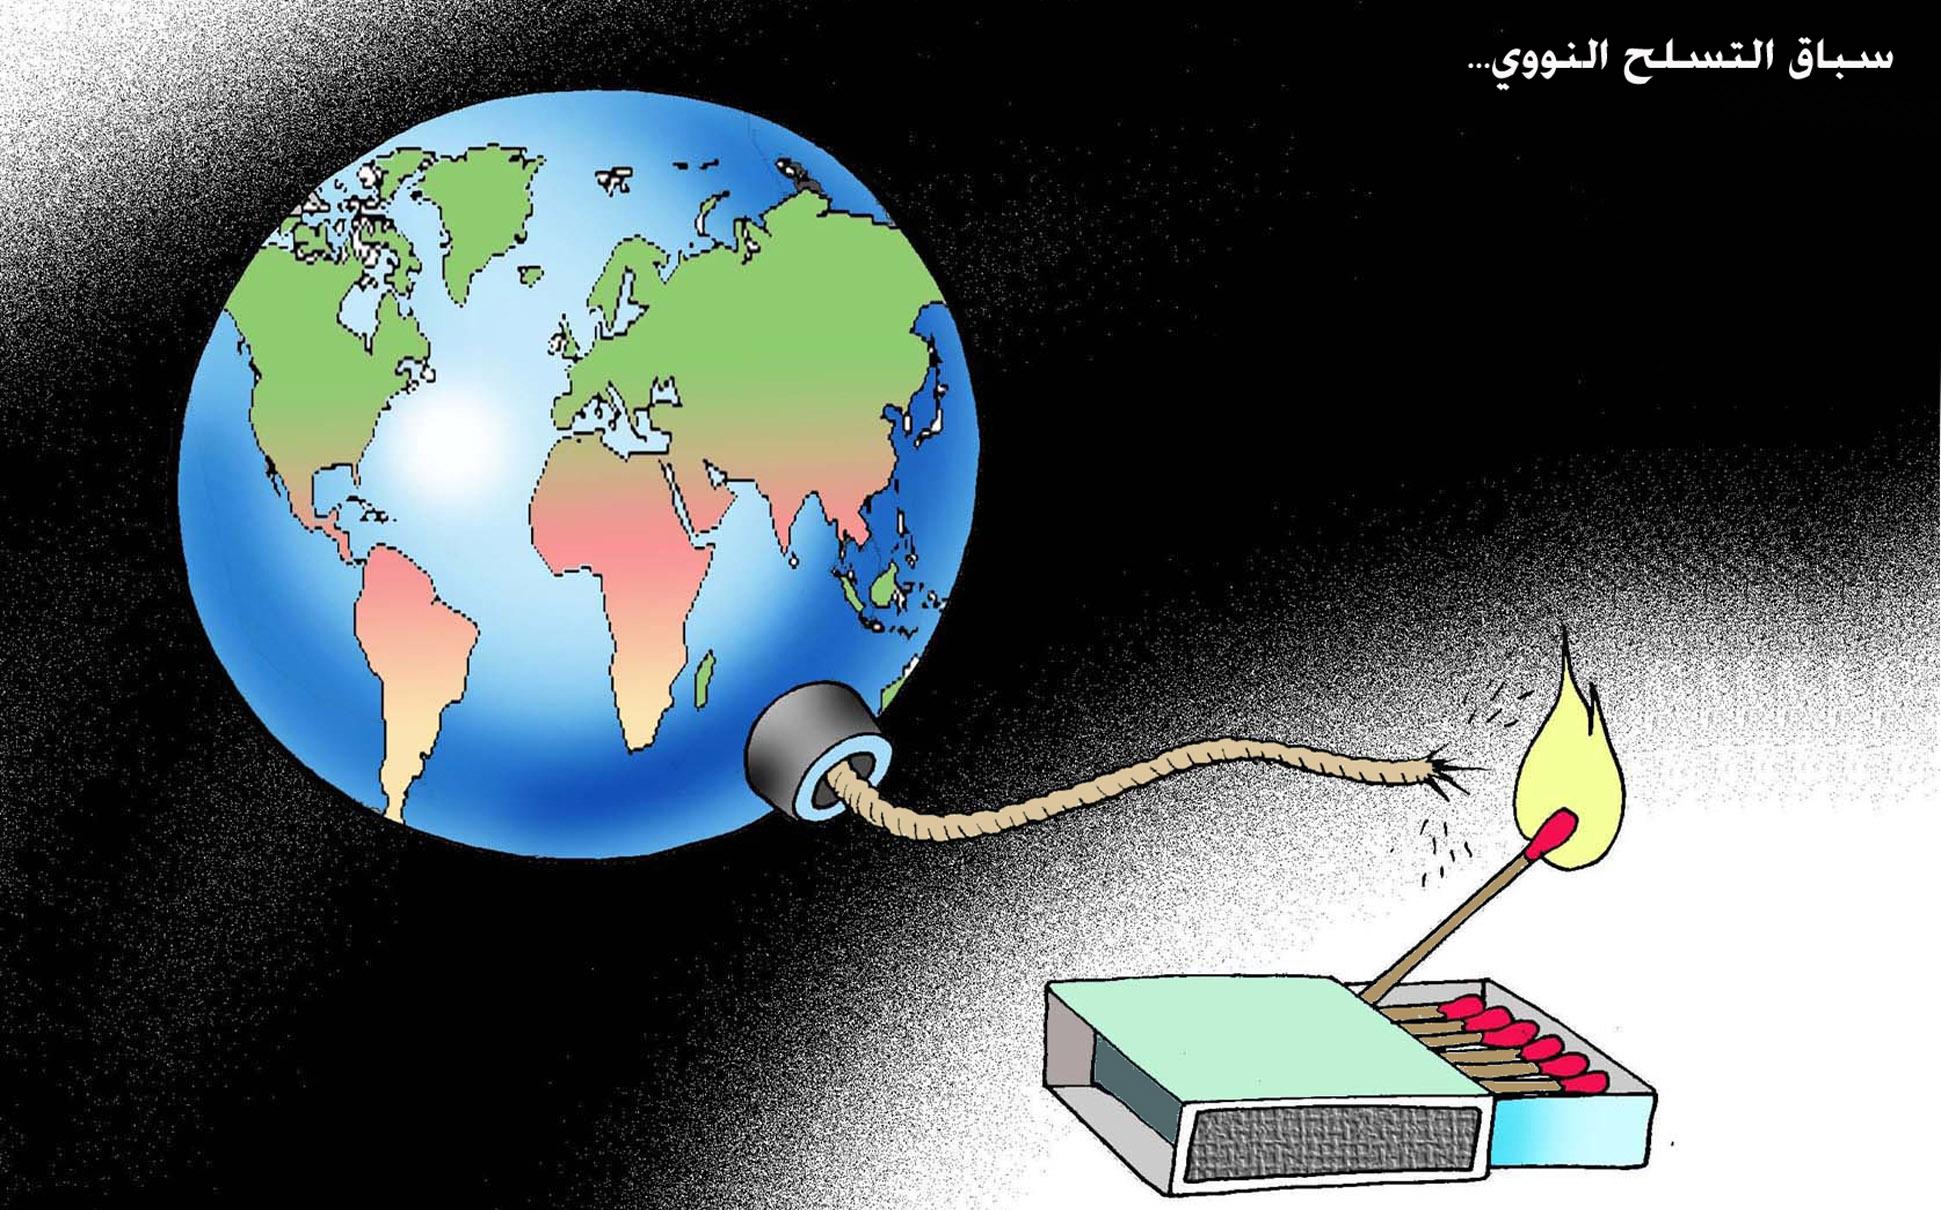 سباق التسلح النووي